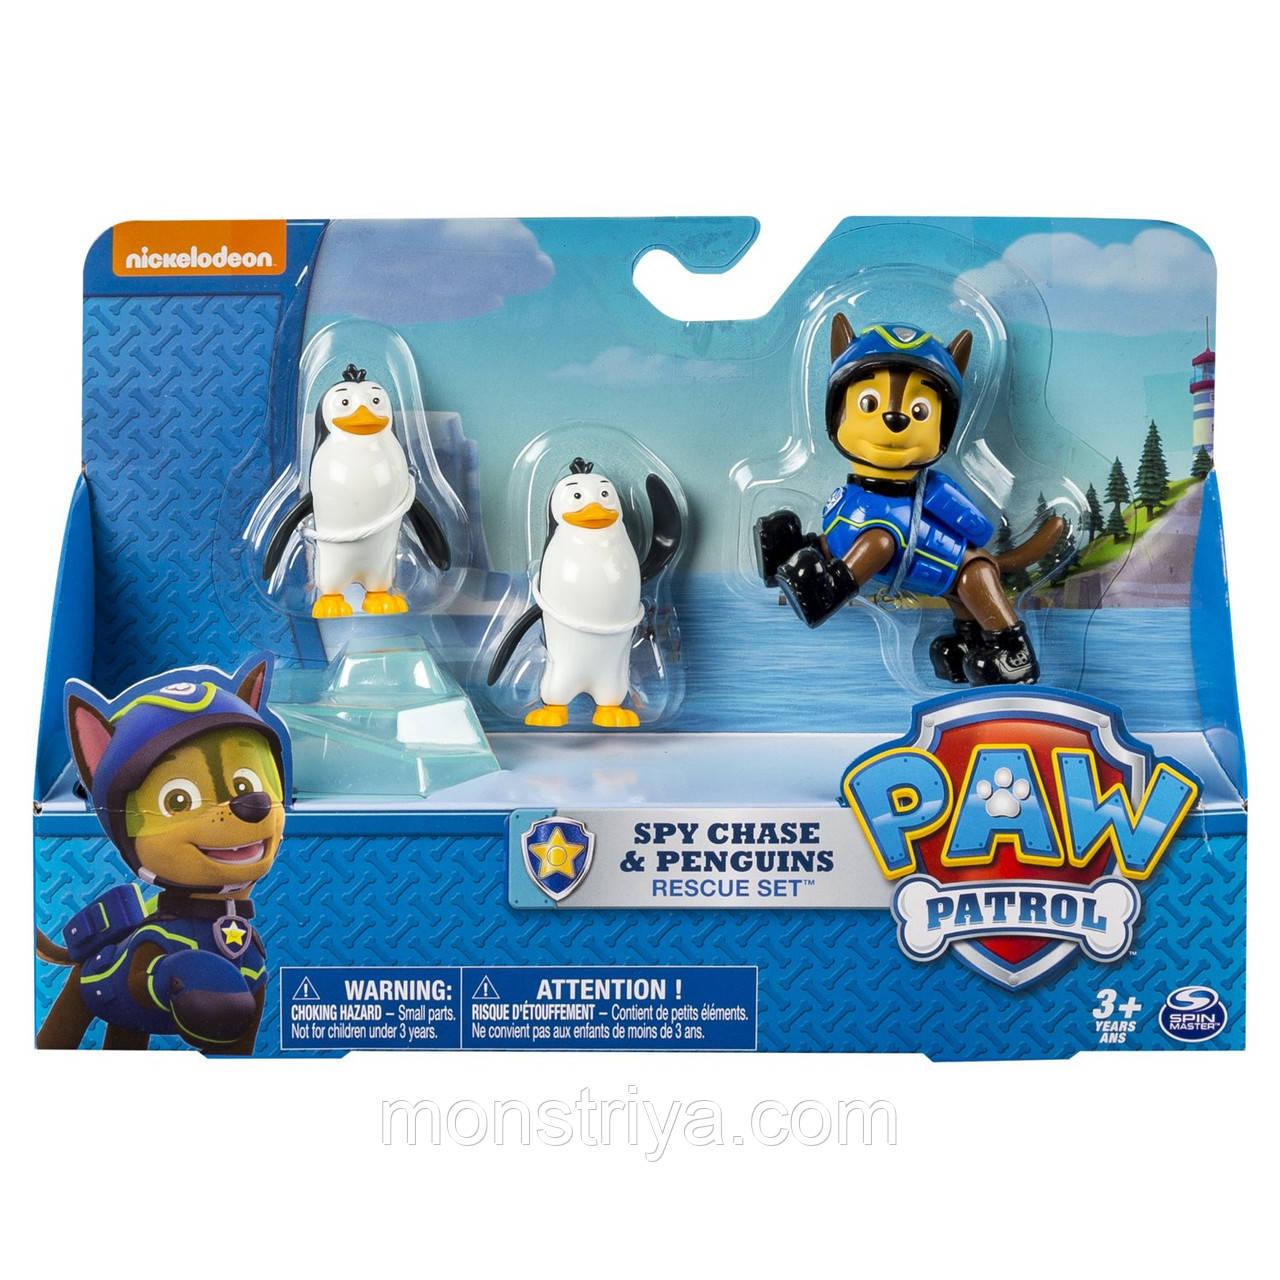 Щенячий патруль Чейз и пингвины,Paw Patrol